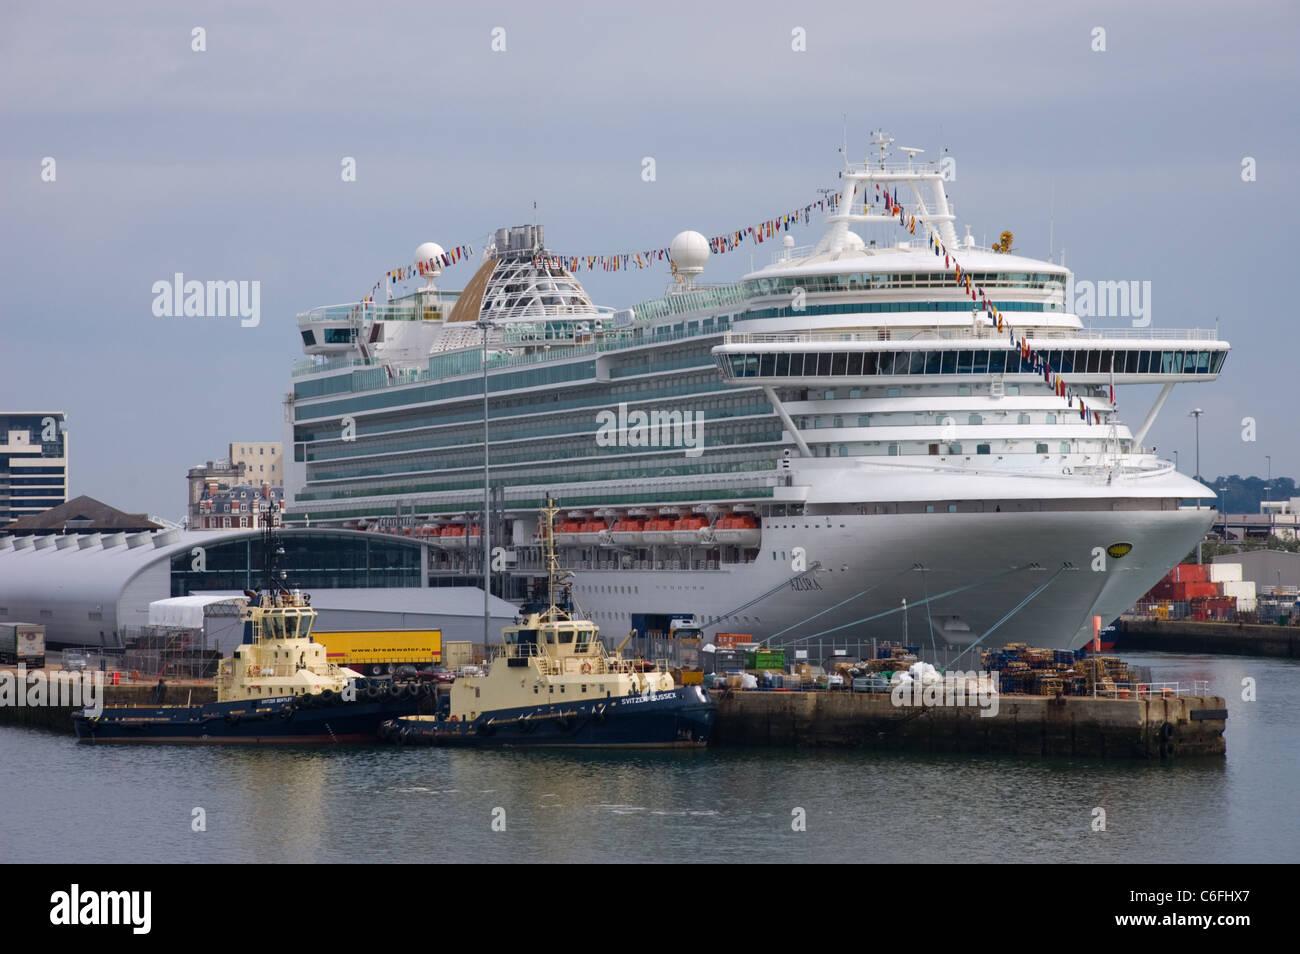 Azura una delle più grandi navi da crociera in P & O Cruises flotta ancorata a Southampton. Foto Stock